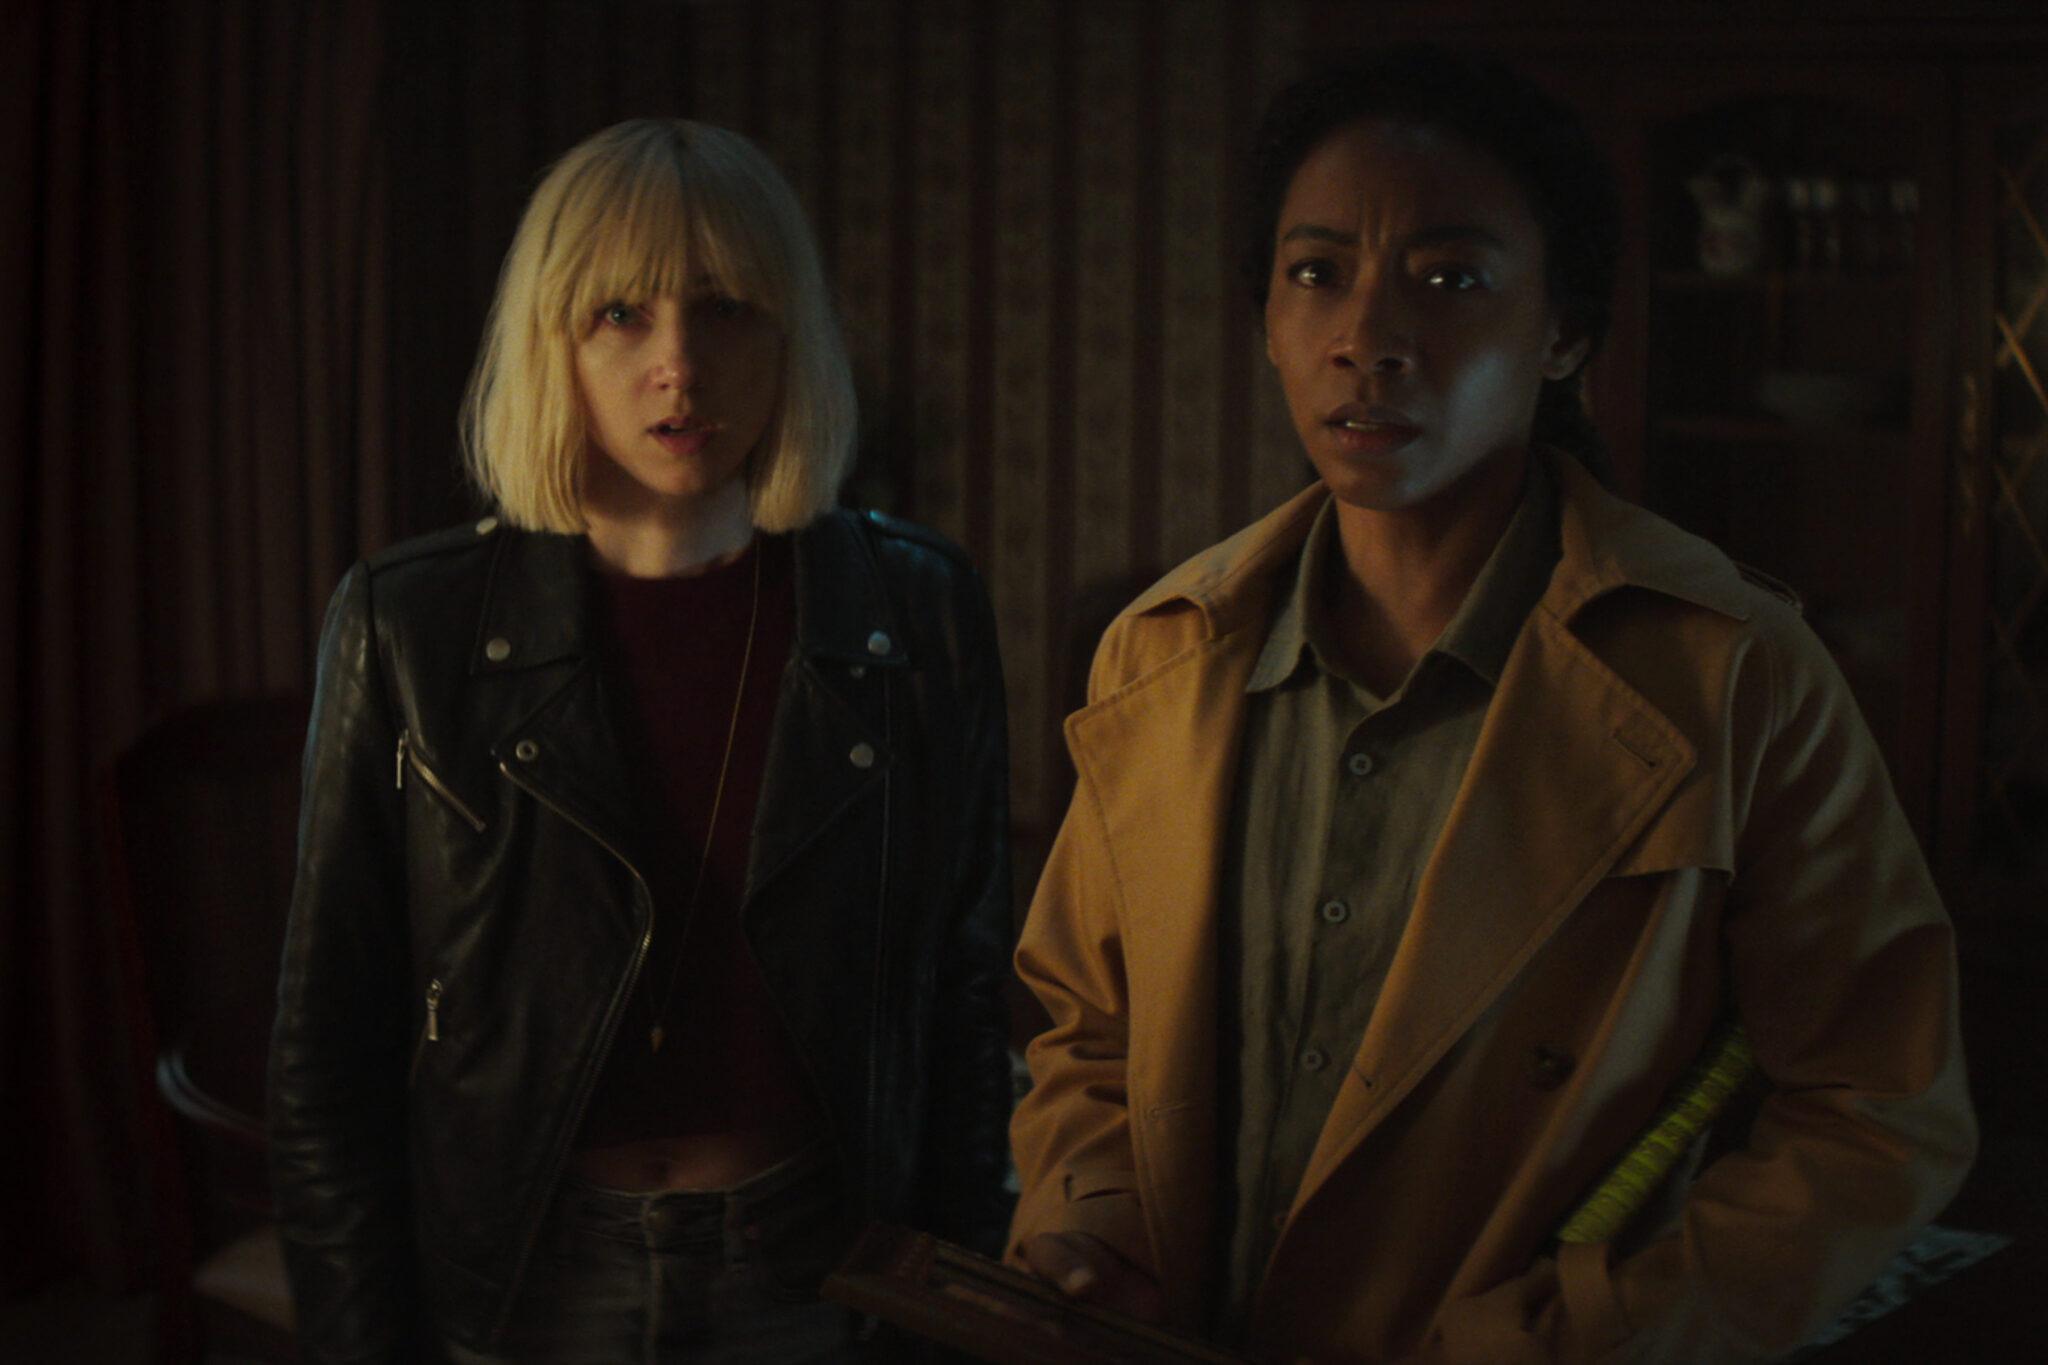 Zoe Kazan steht in Clickbait in einem dunklen Raum leicht versetzt links hinter Betty Gabriel. Beide wirken leicht verblüfft und schauen in Richtung Kamera.